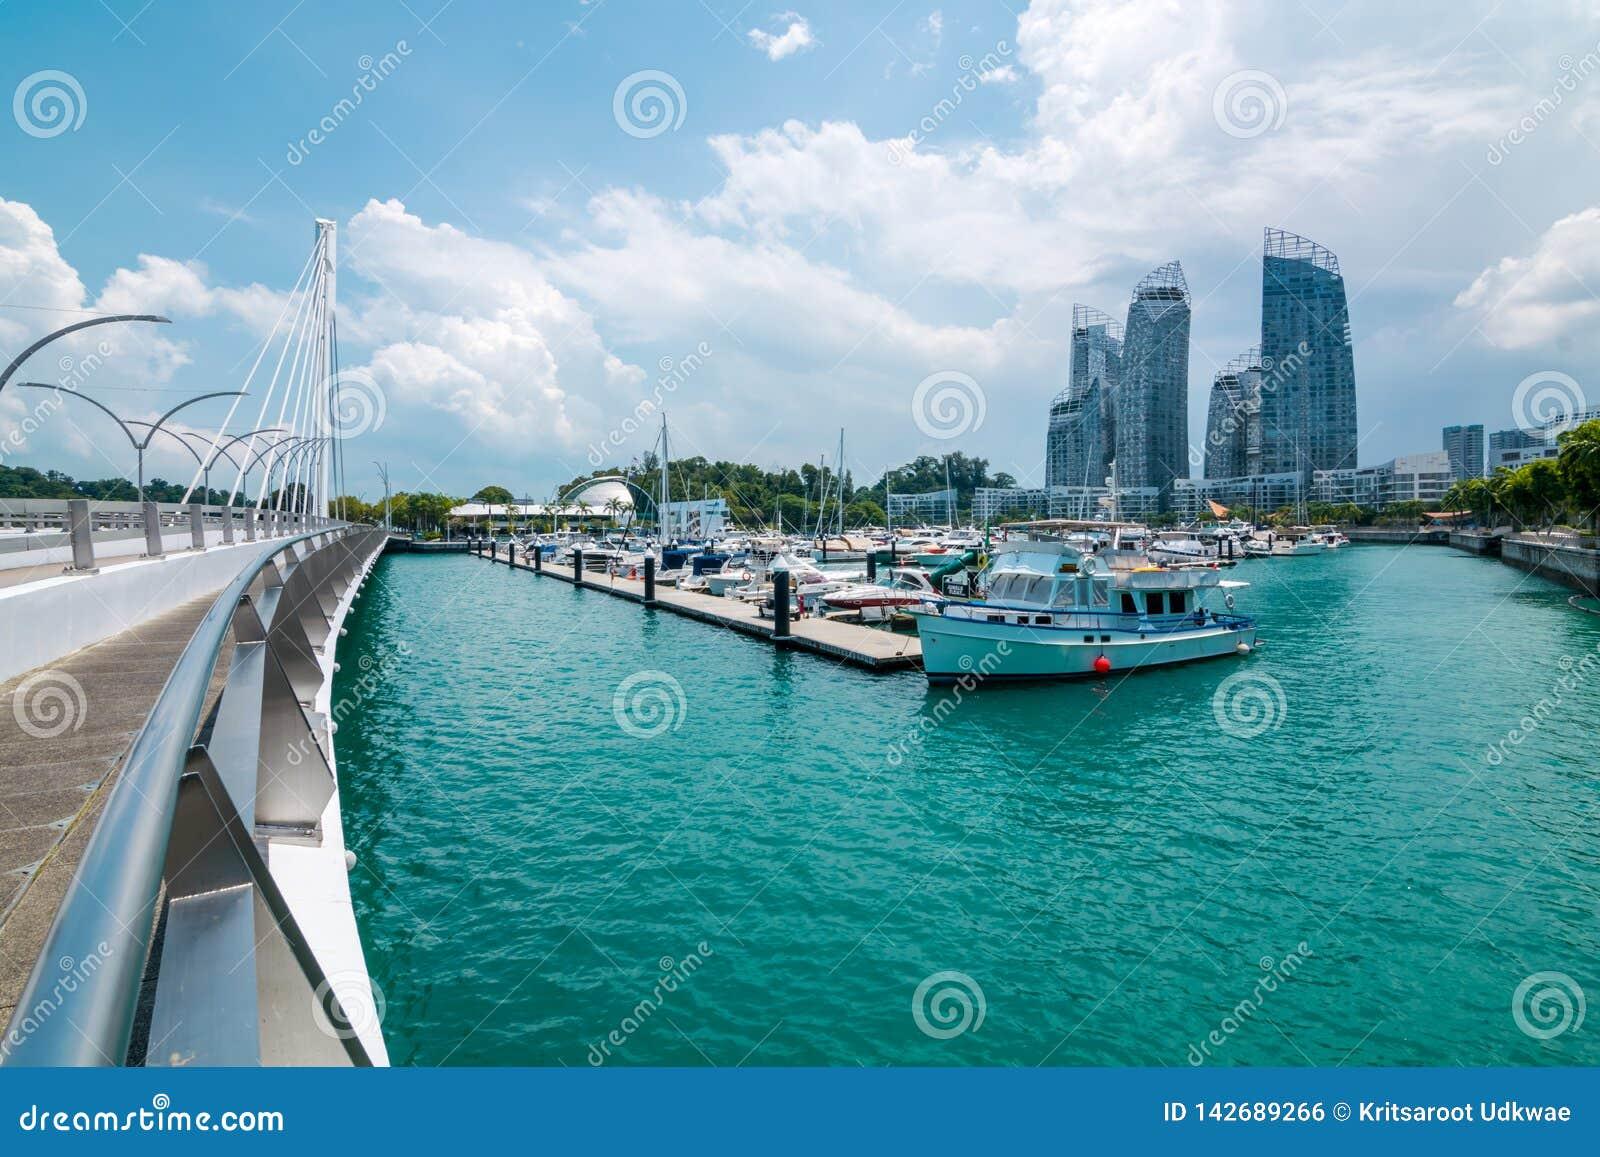 Le paysage urbain avec la vue de bateaux de l île de Keppel à Singapour